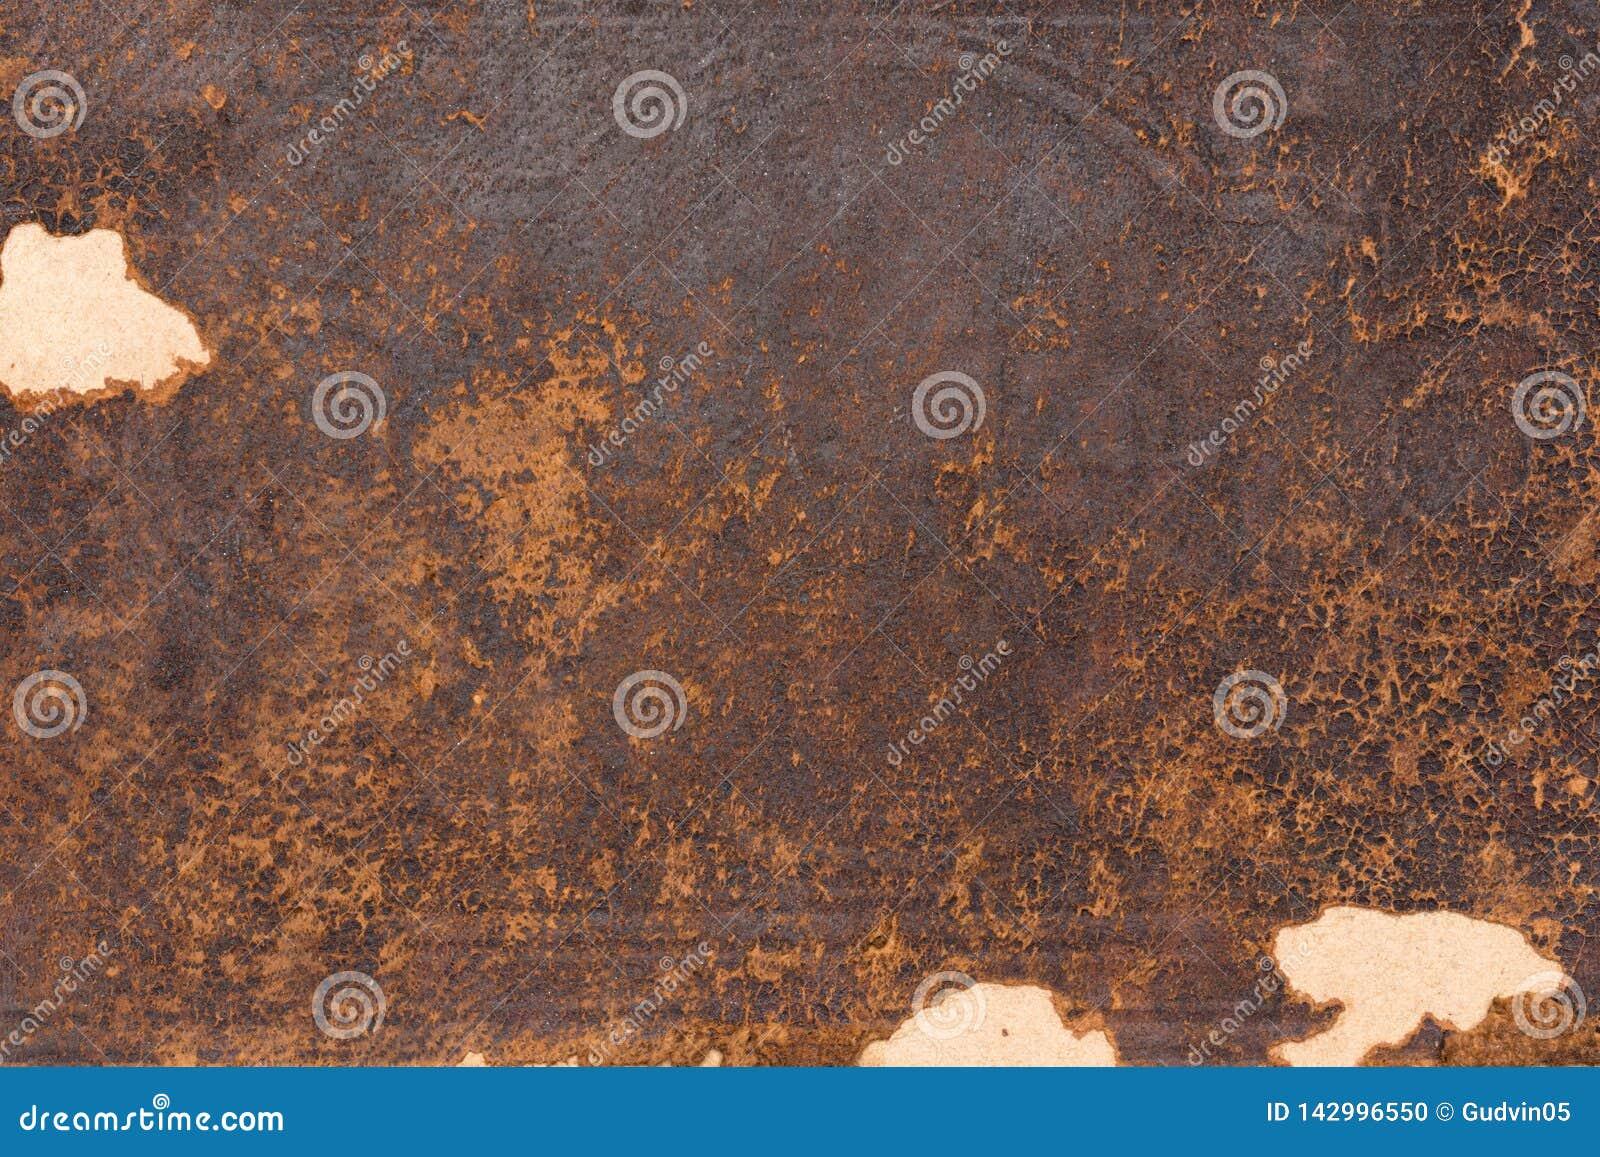 古色古香的背景皮革老纹理 一本旧书的被撕碎的盖子